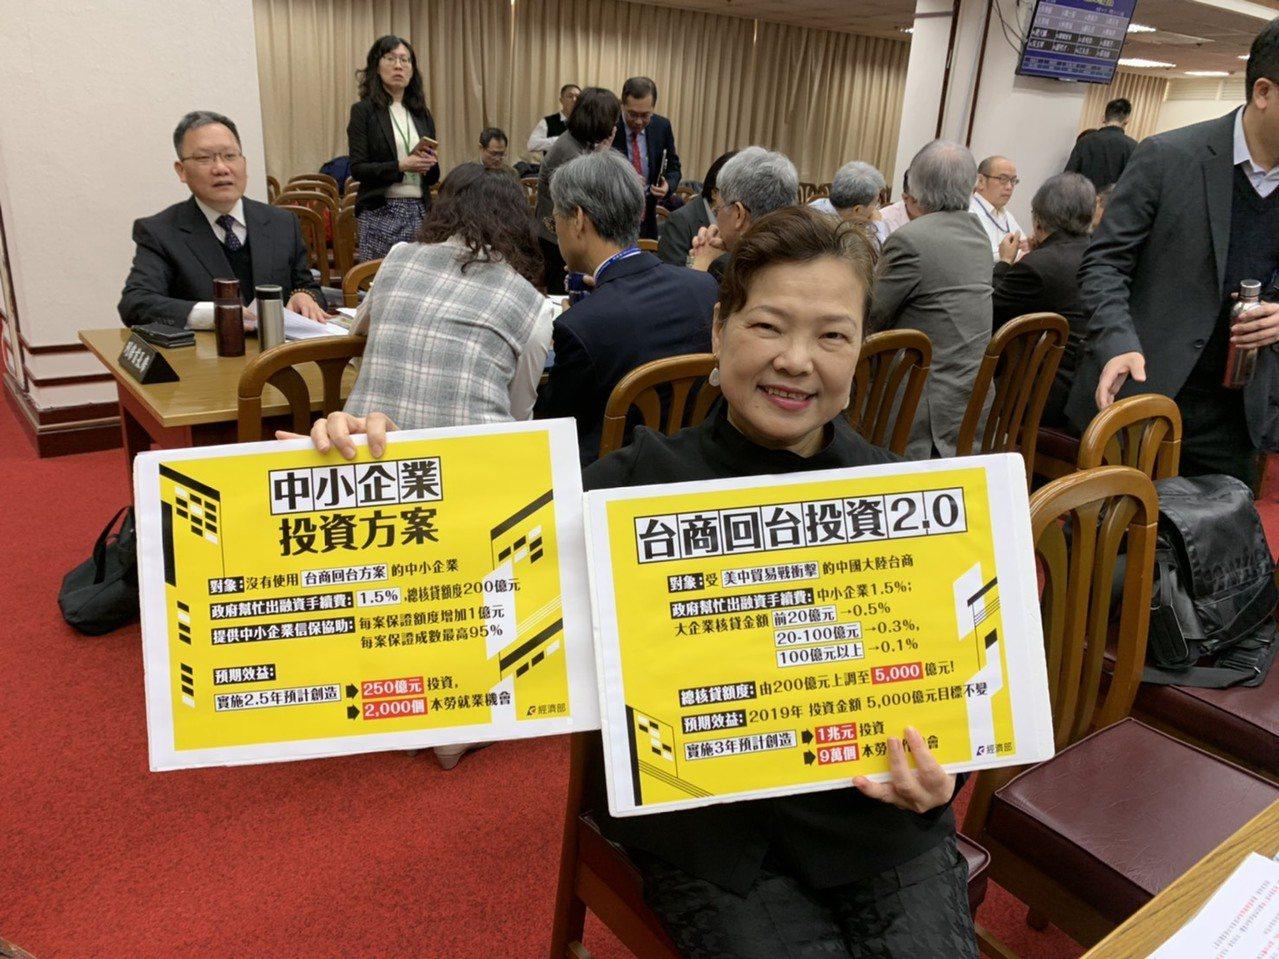 經濟部次長王美花拿出手板表示,投資台灣方案已經改了,改採分段補貼,前20億元只補...